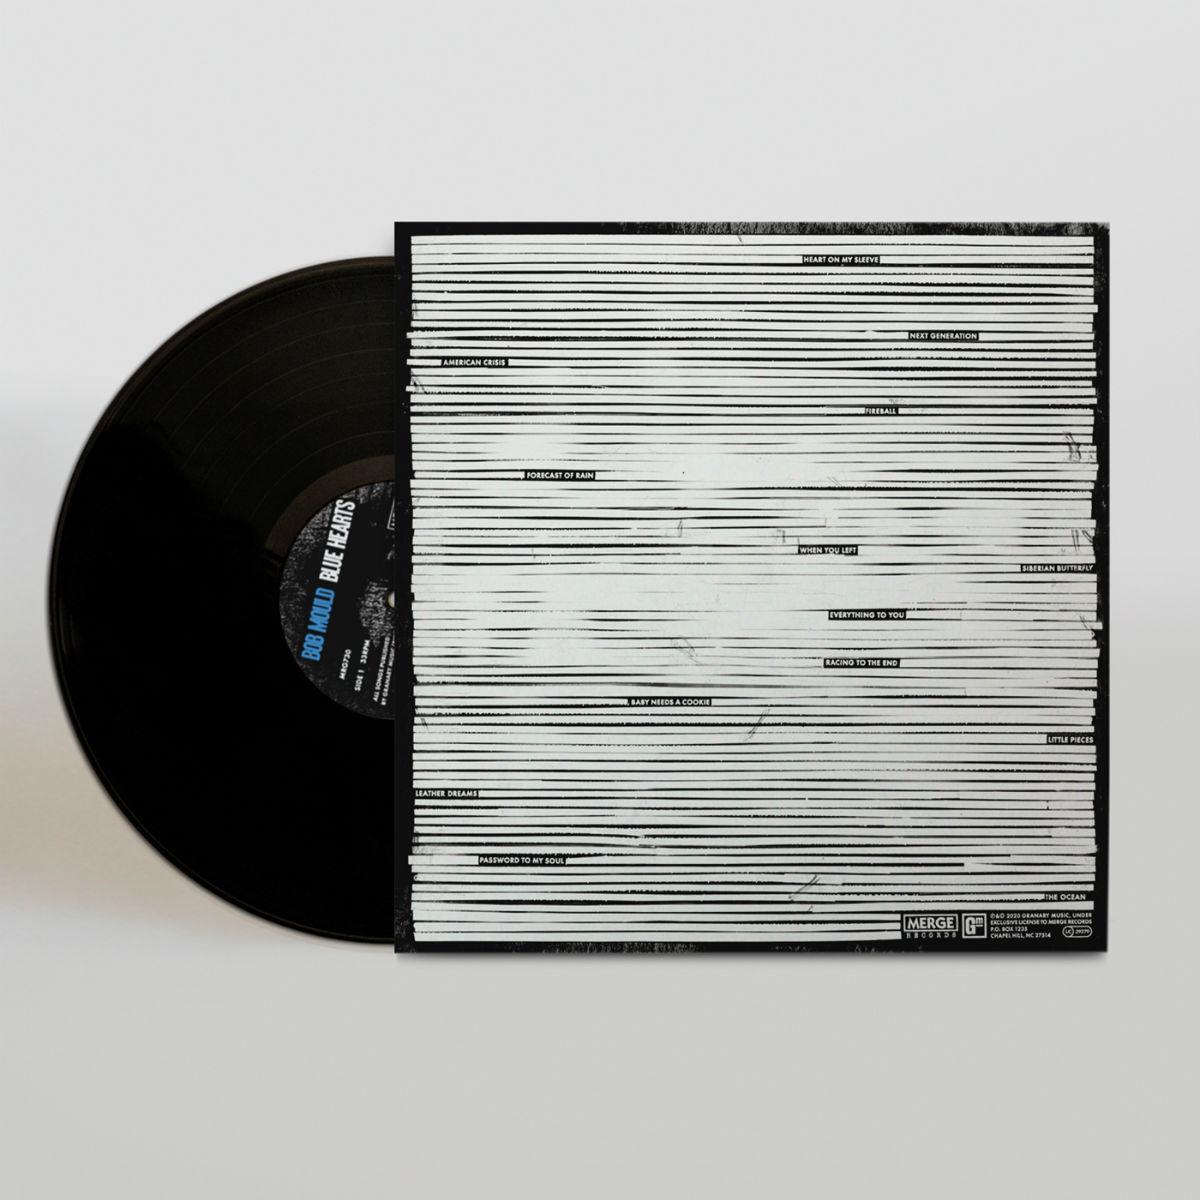 Blue Hearts LP - Black